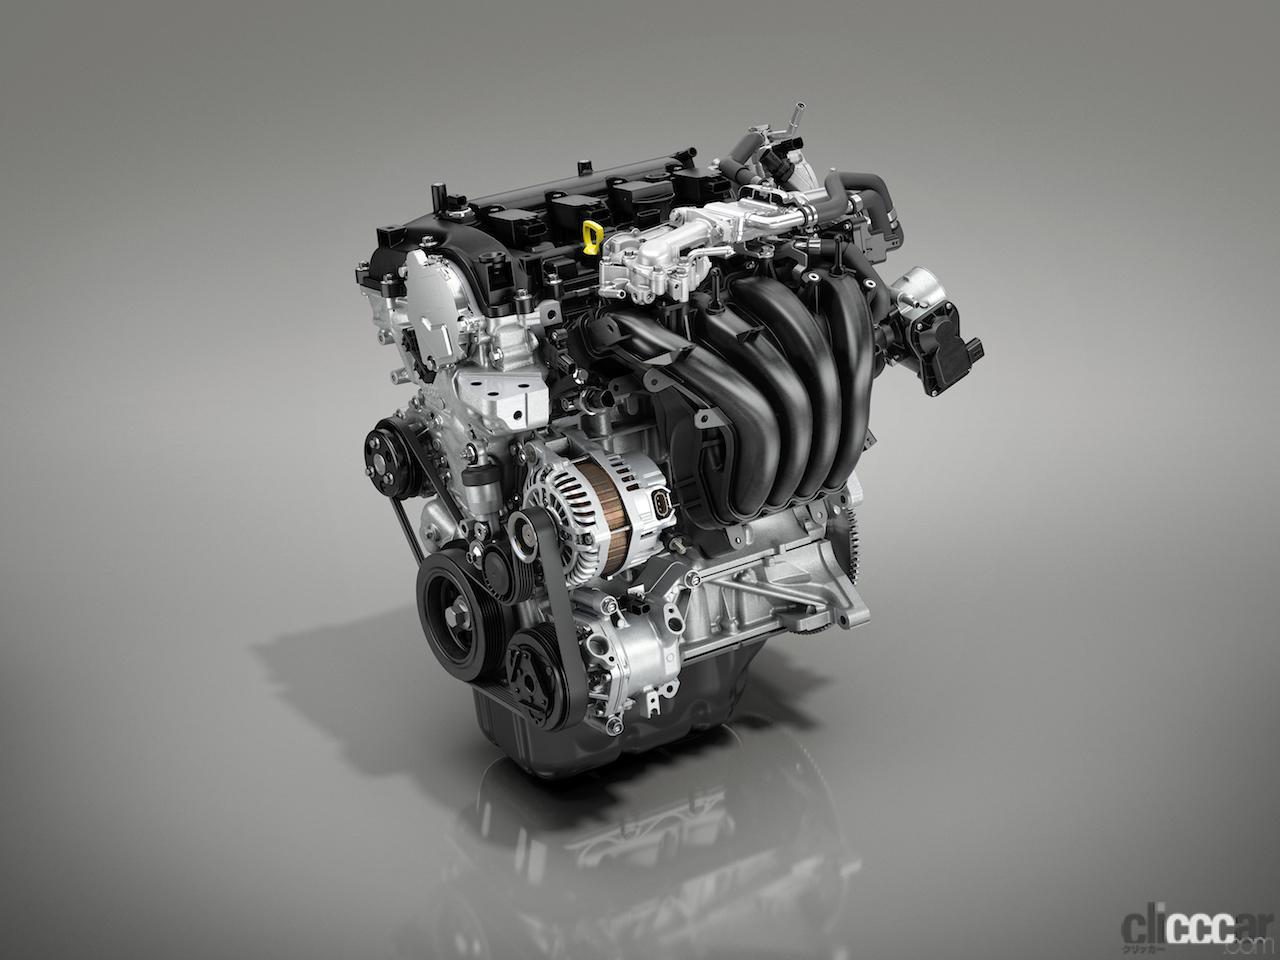 「MAZDA2の1.5Lガソリンエンジンにダイアグナル・ボーテックス・コンバスチョンを採用した「SKYACTIV-G 1.5」を追加」の4枚目の画像